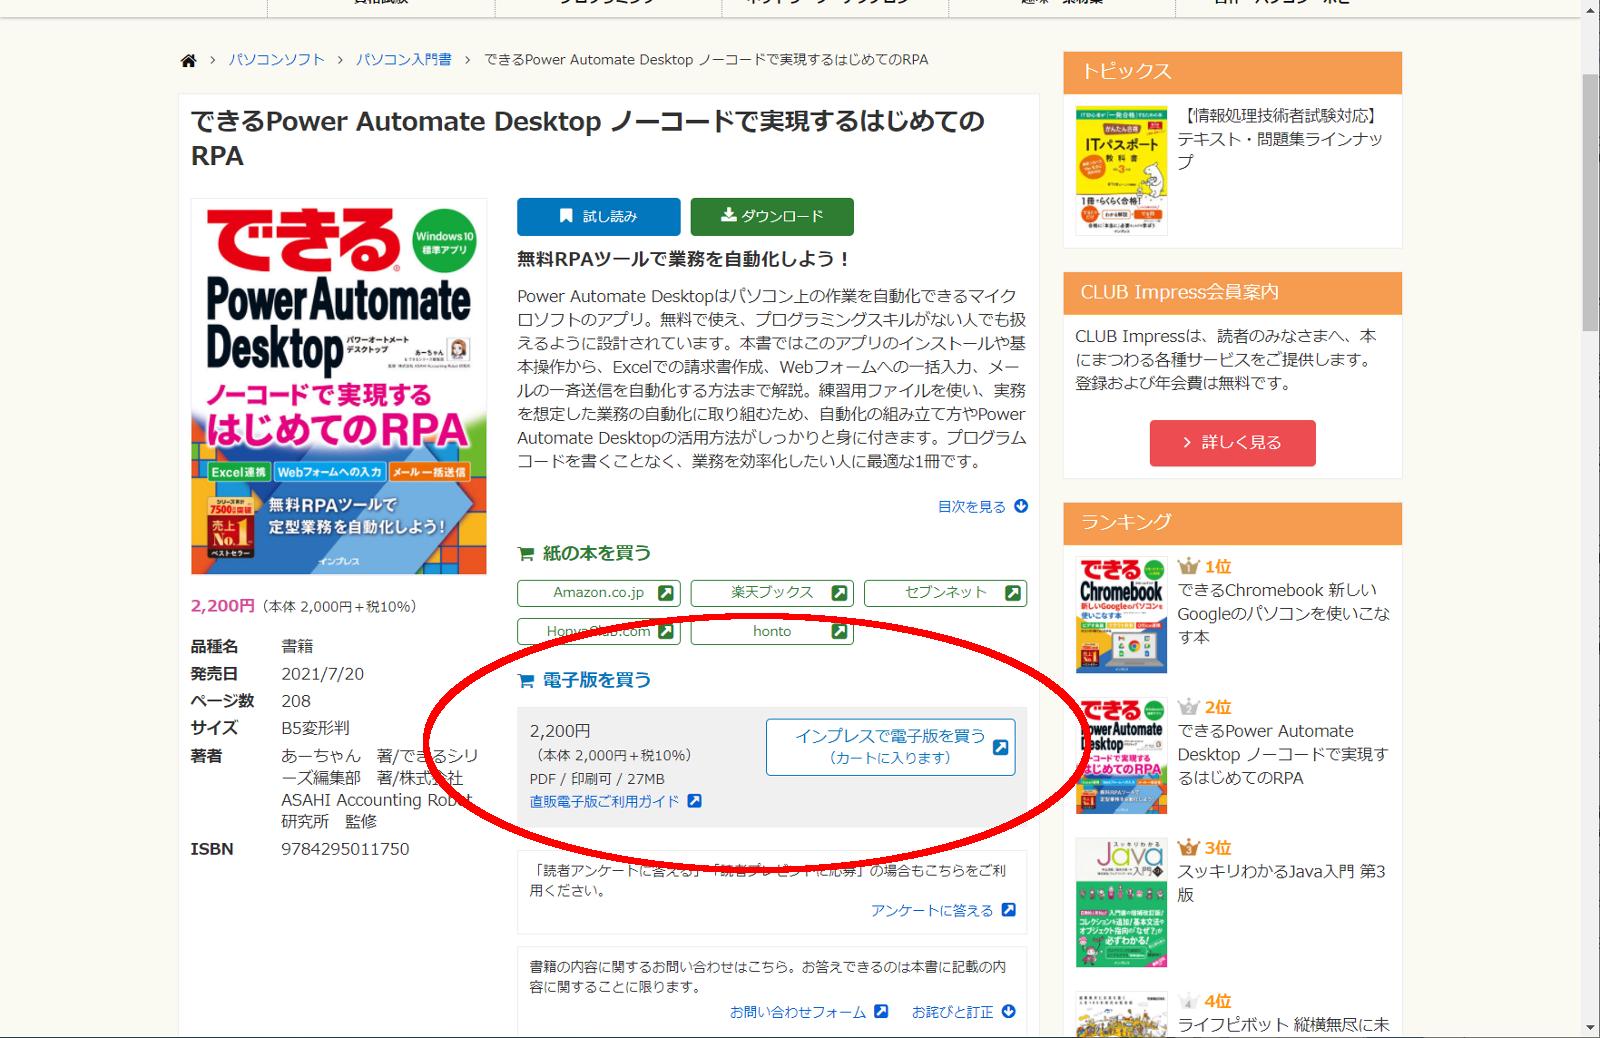 技術書は出版社が直接PDF版を販売していることも少なくない